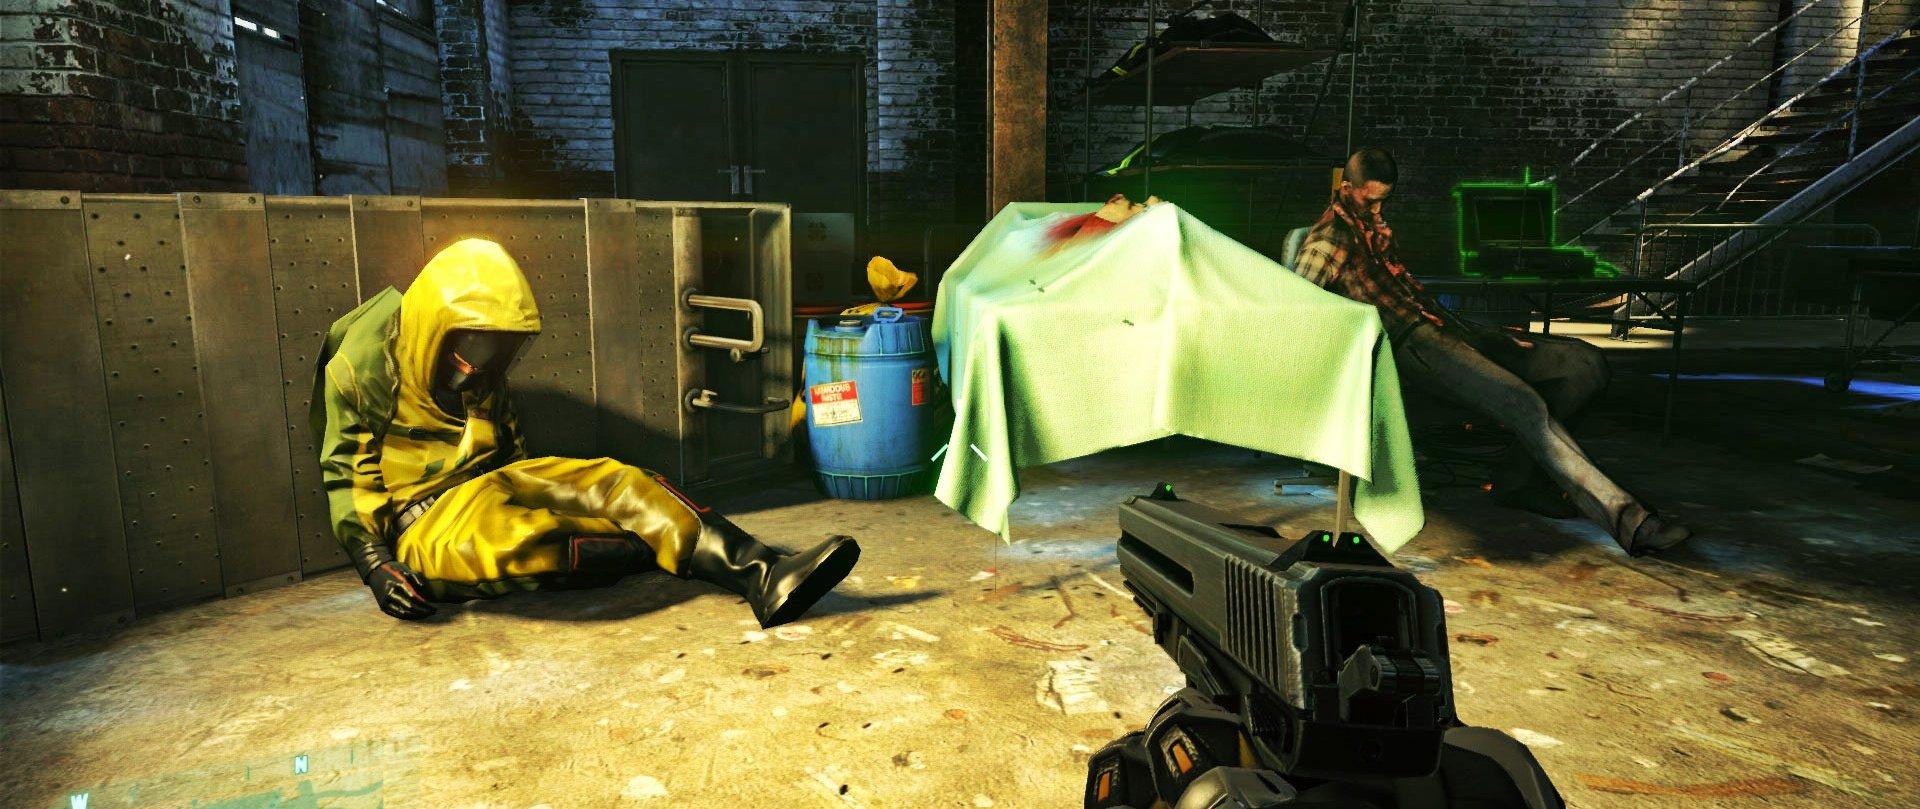 Репетиция последсвий Эболы в играх? (Metro last light, Crysis 2, The last of US, Dishonered и т.д). - Изображение 3